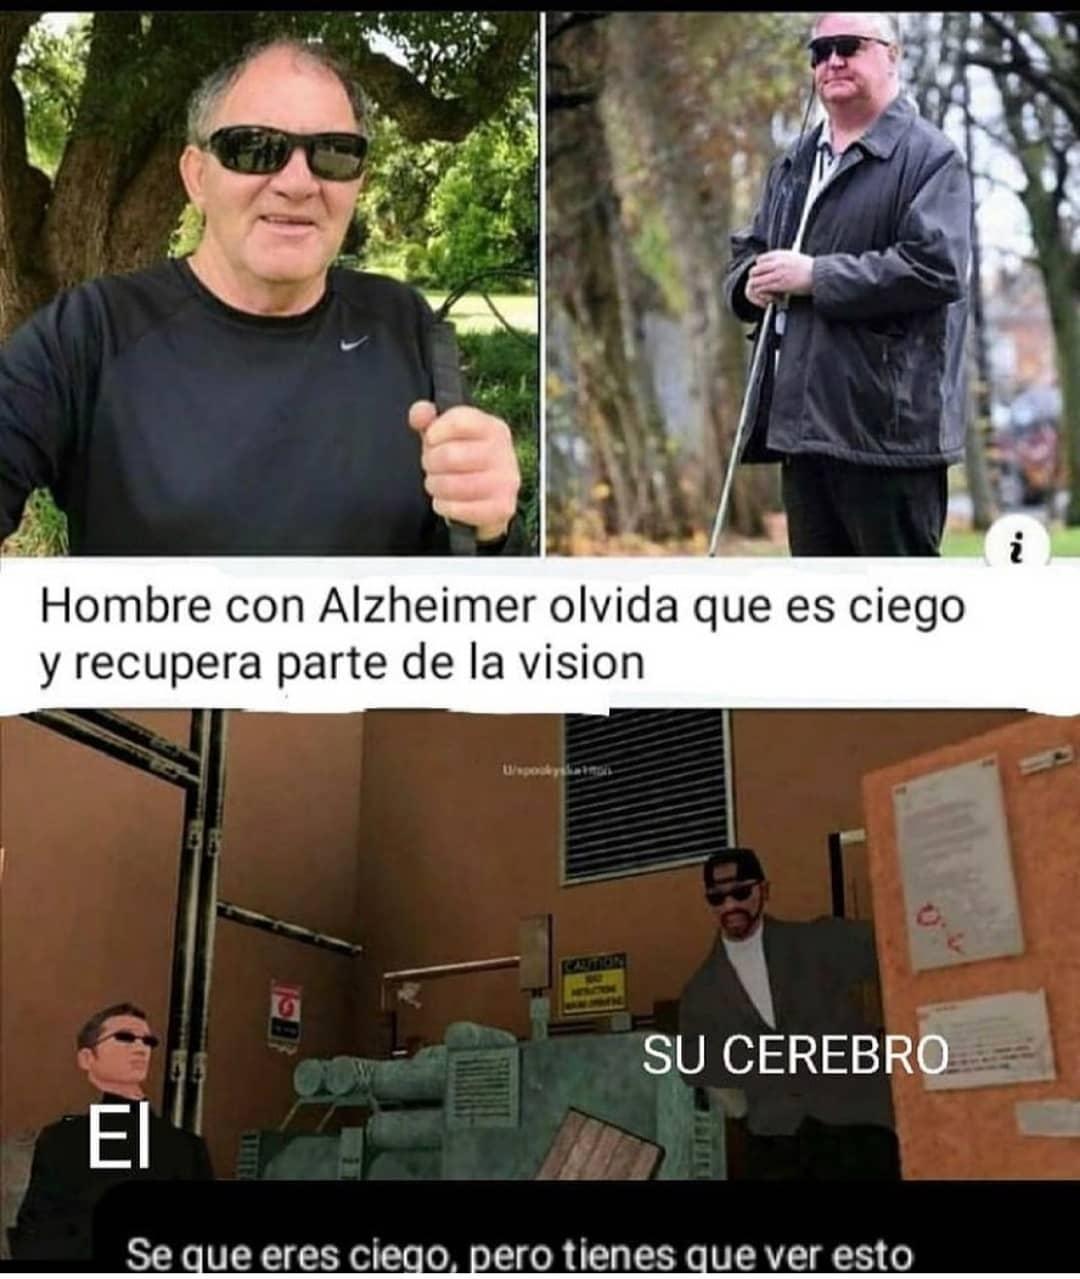 Hombre con Alzheimer olvida que es ciego y recupera parte de la visión.  Su cerebro. El. Sé que eres ciego, pero tienes que ver esto.